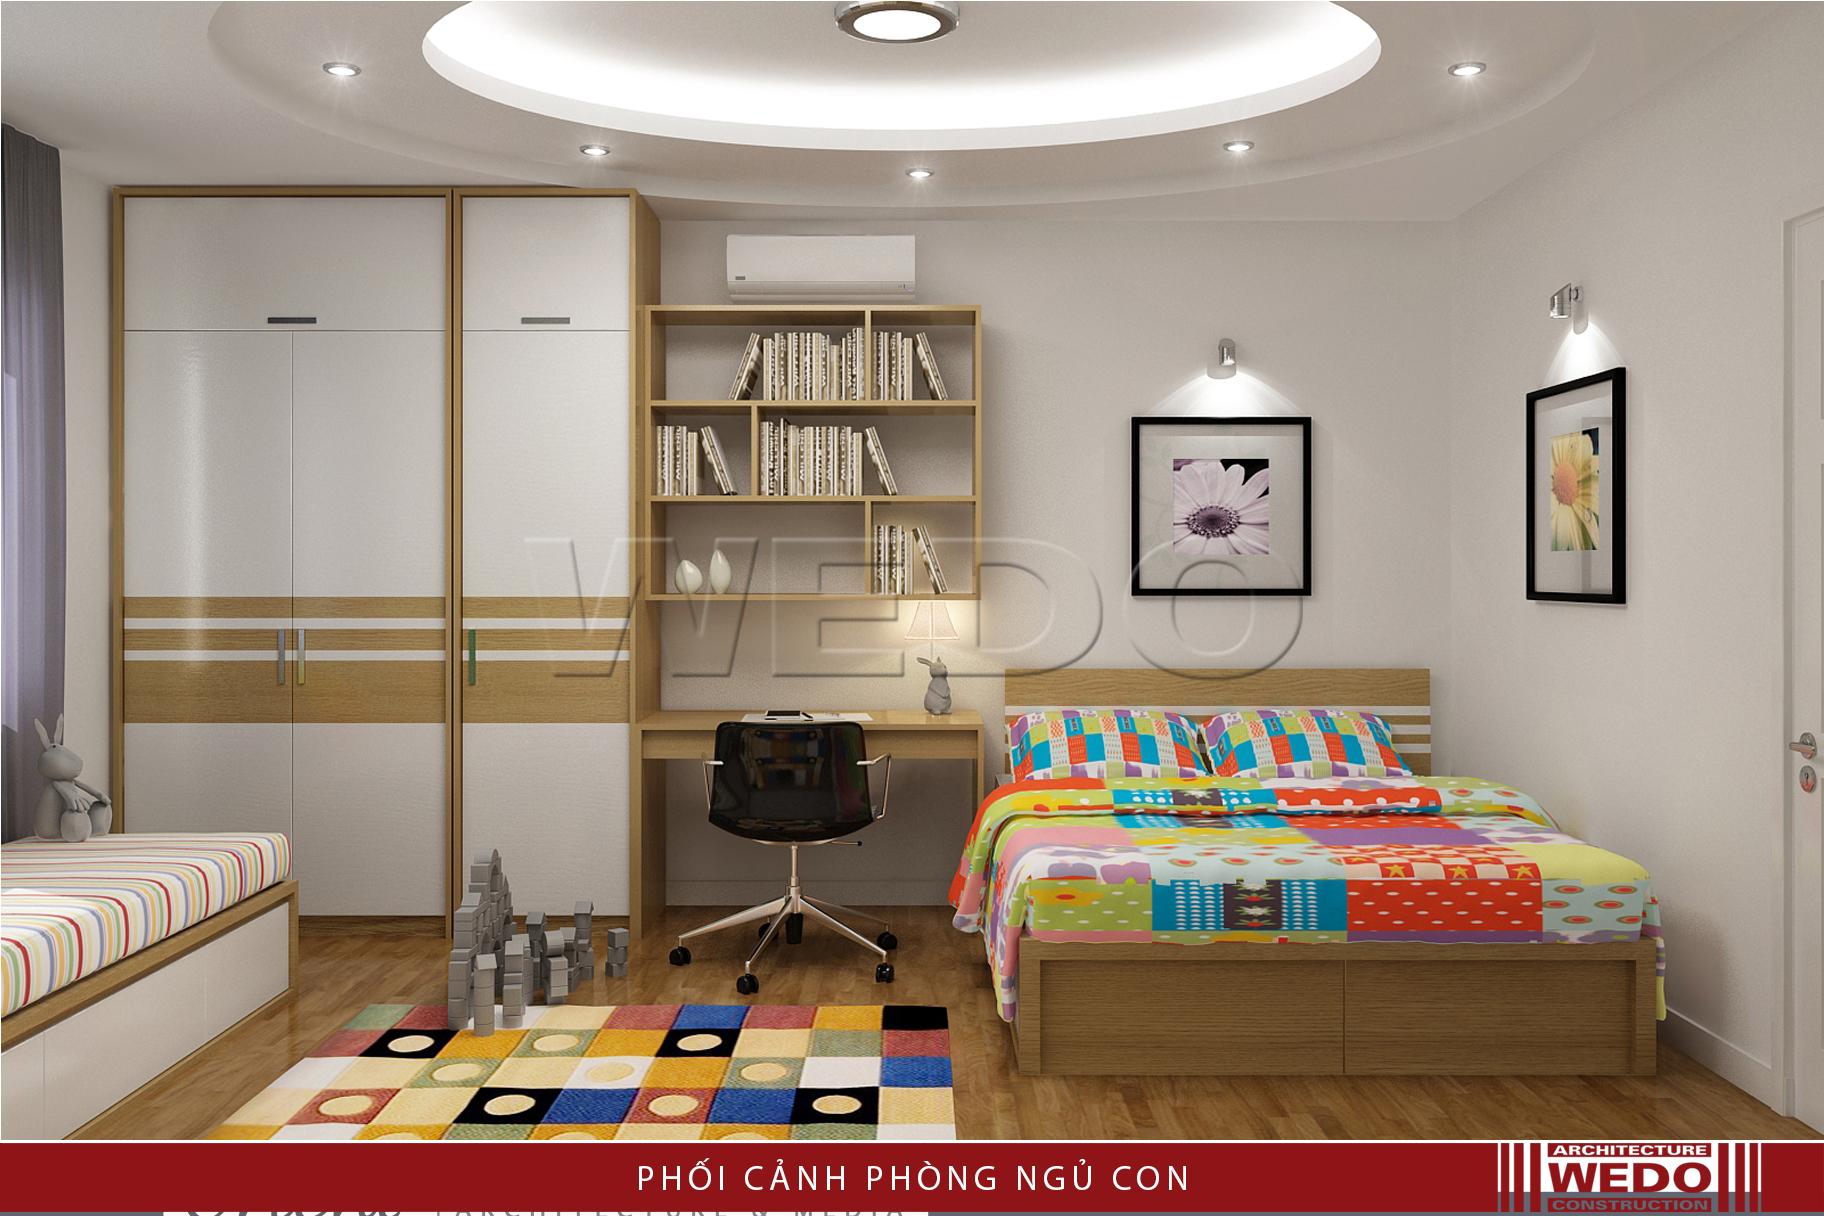 Nội thất phòng ngủ nhỏ chung cư alphanam Vũ Trọng Phụng